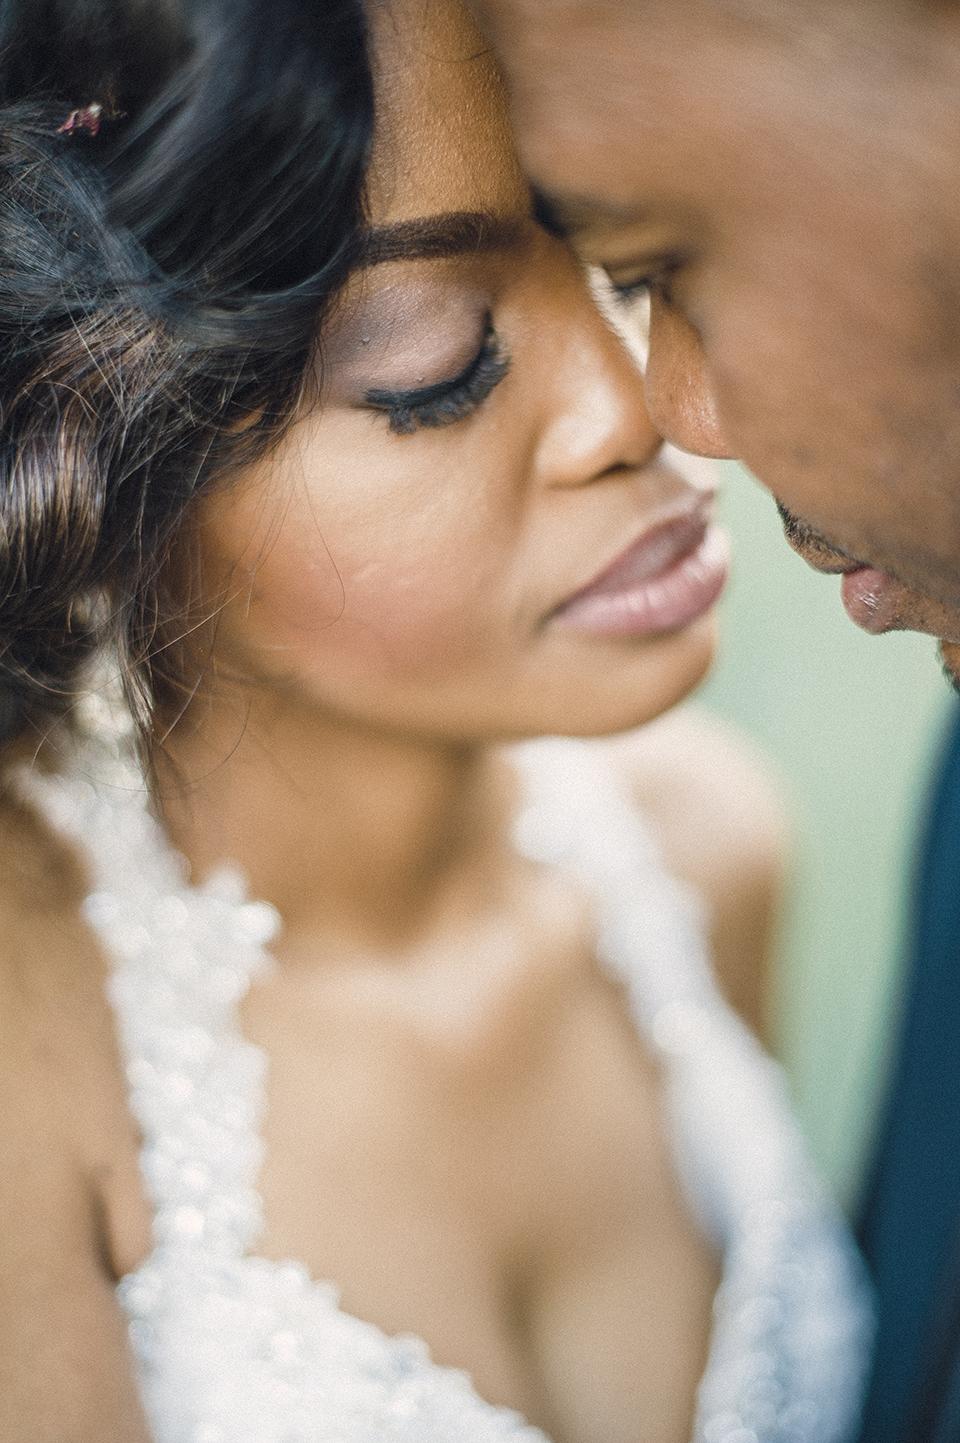 RyanParker_WeddingPhotographer_FineArt_CapeTown_Johannesburg_Hermanus_Avianto_T&L_DSC_9285.jpg